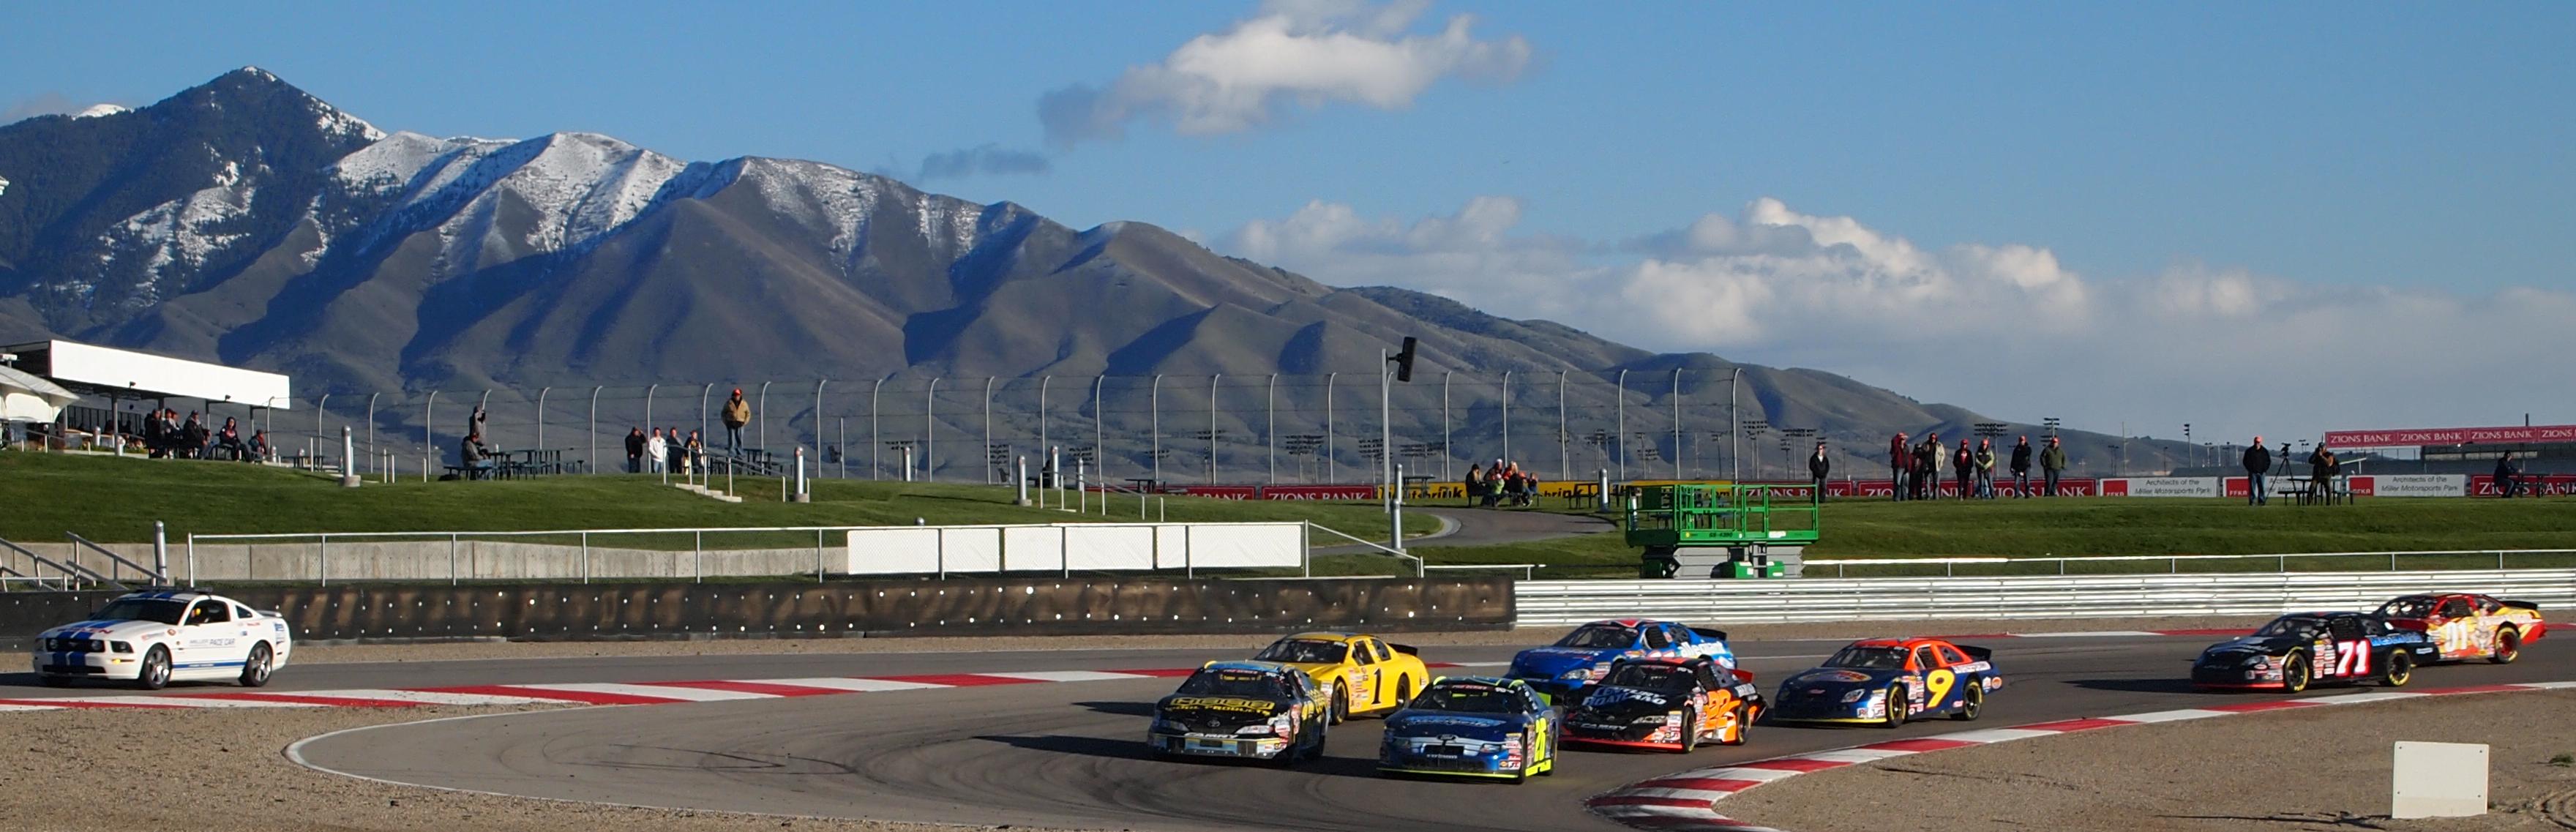 Car Dealerships In Tooele Utah